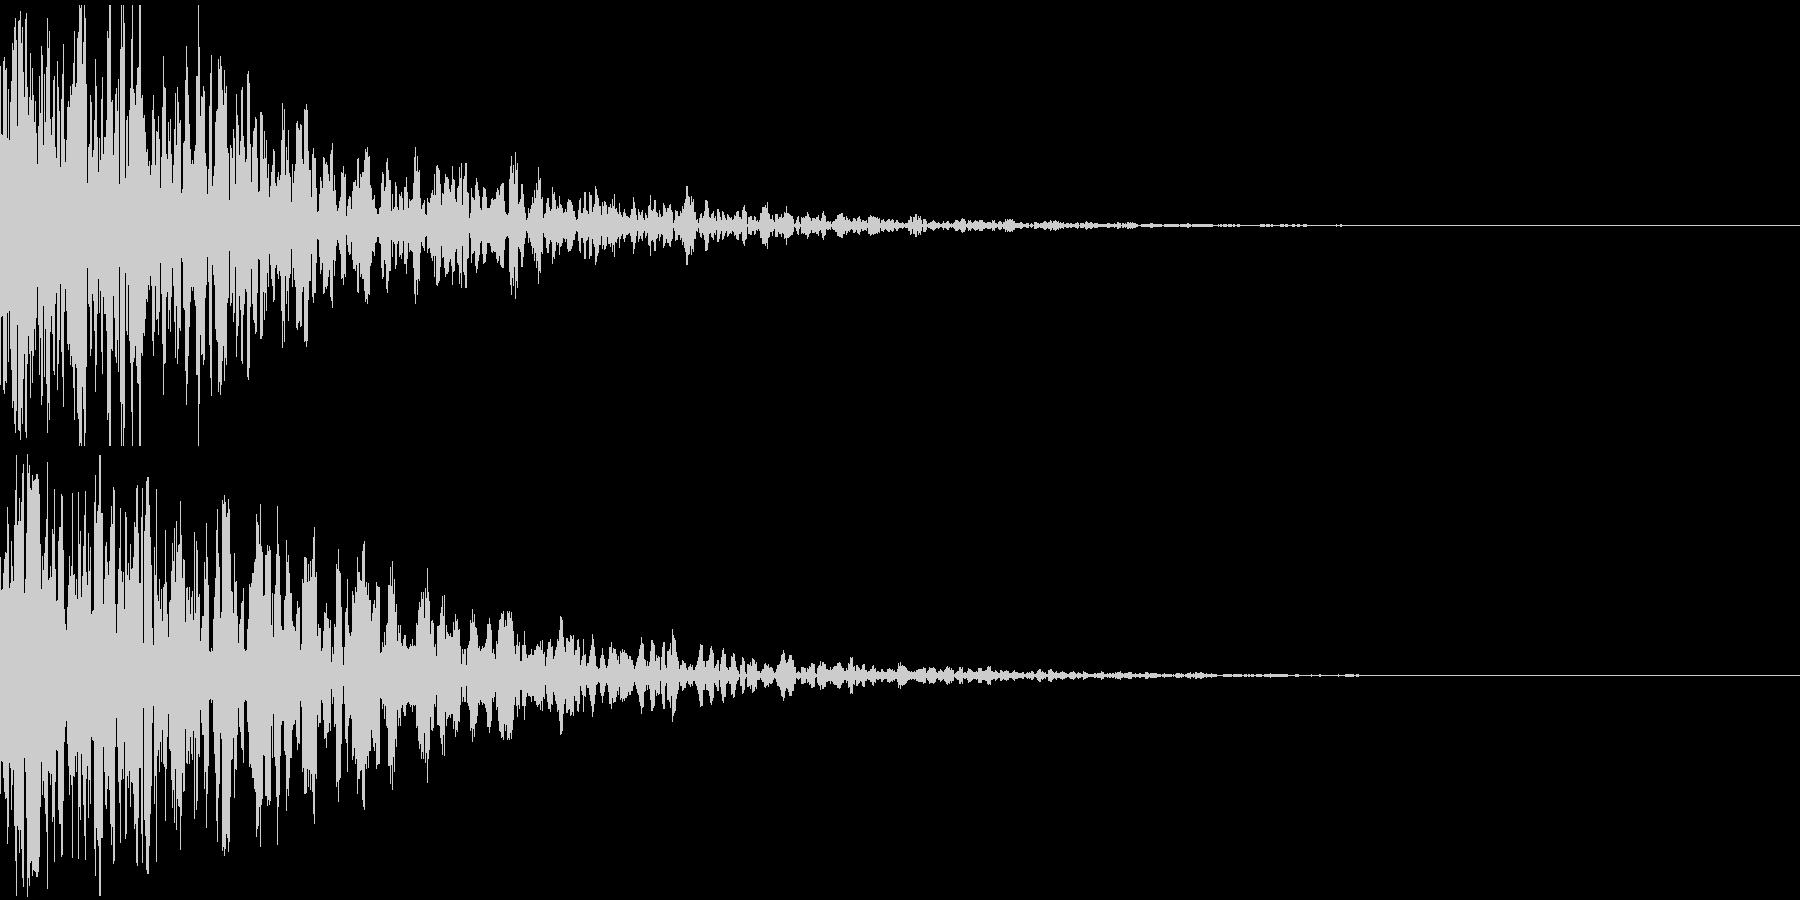 ドーン-10-2(インパクト音)の未再生の波形